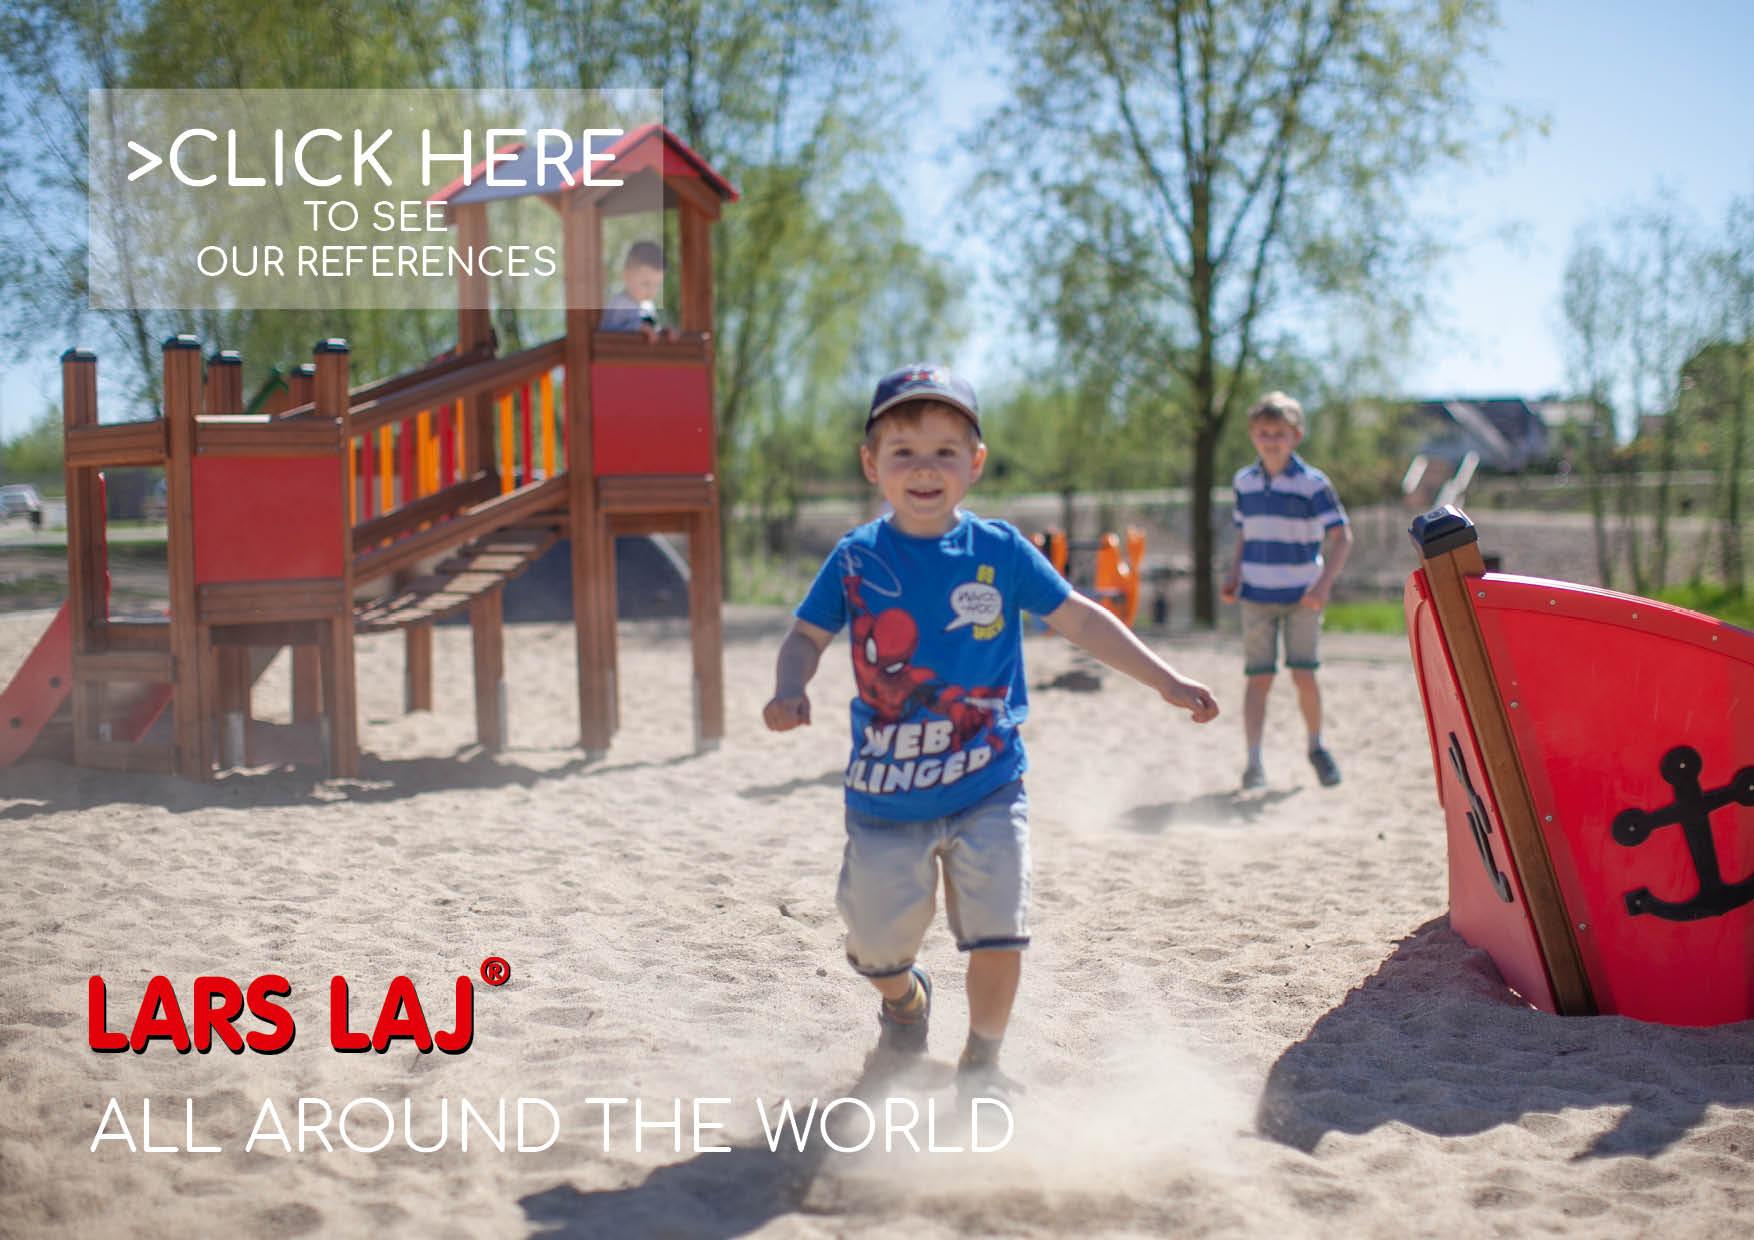 Lars Laj Worldwide